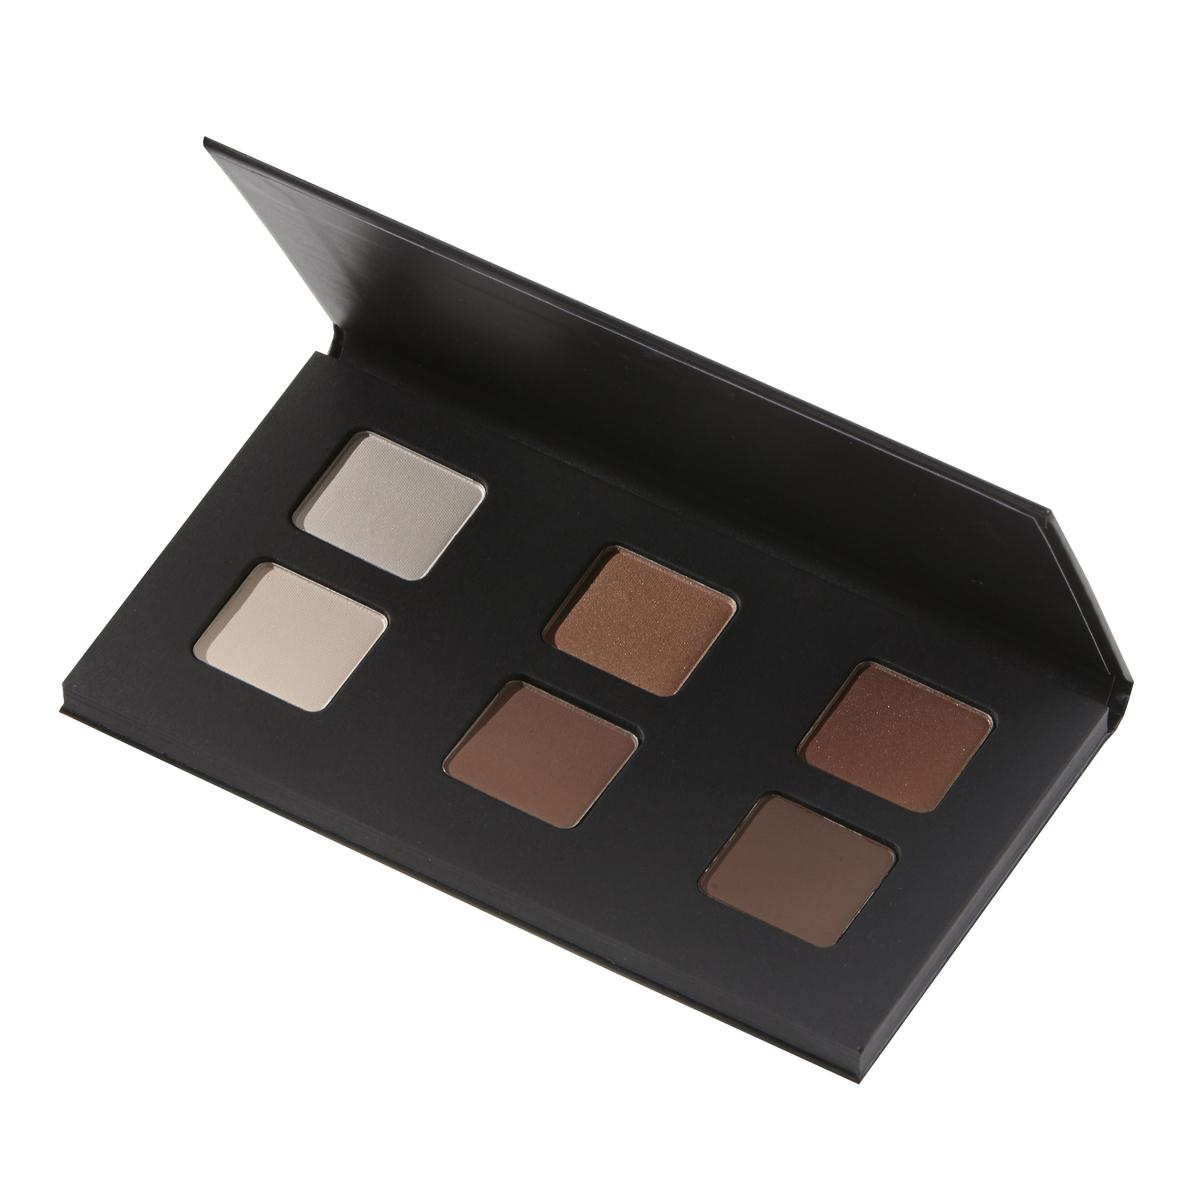 Palette of 6 eyeshadows Nude